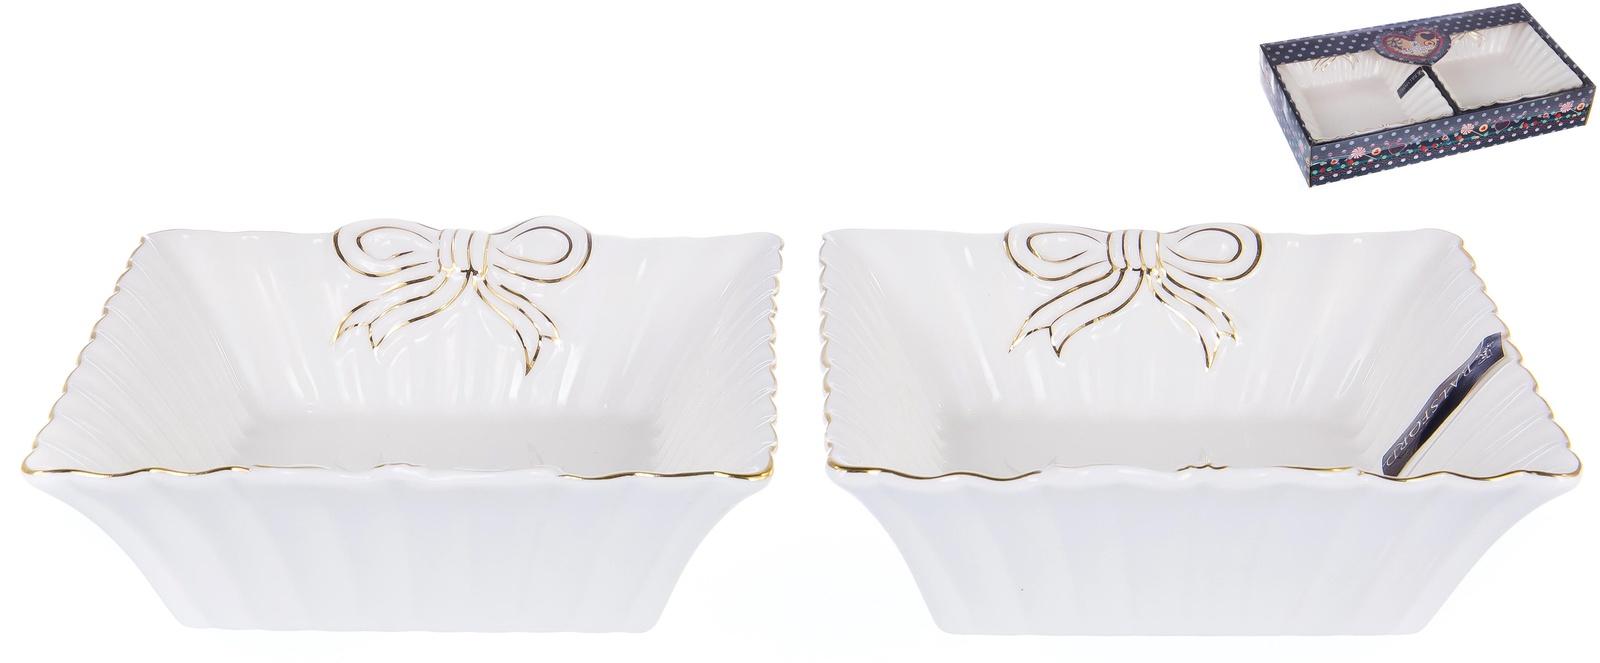 Набор 2 фигурных салатника размером 16см, ГРАЦИЯ, NEW BONE CHINAа NEW BONE CHINA, декор белый с золотом, подарочная упаковка с окном и бантом, ТМ Balsford, 101-01044